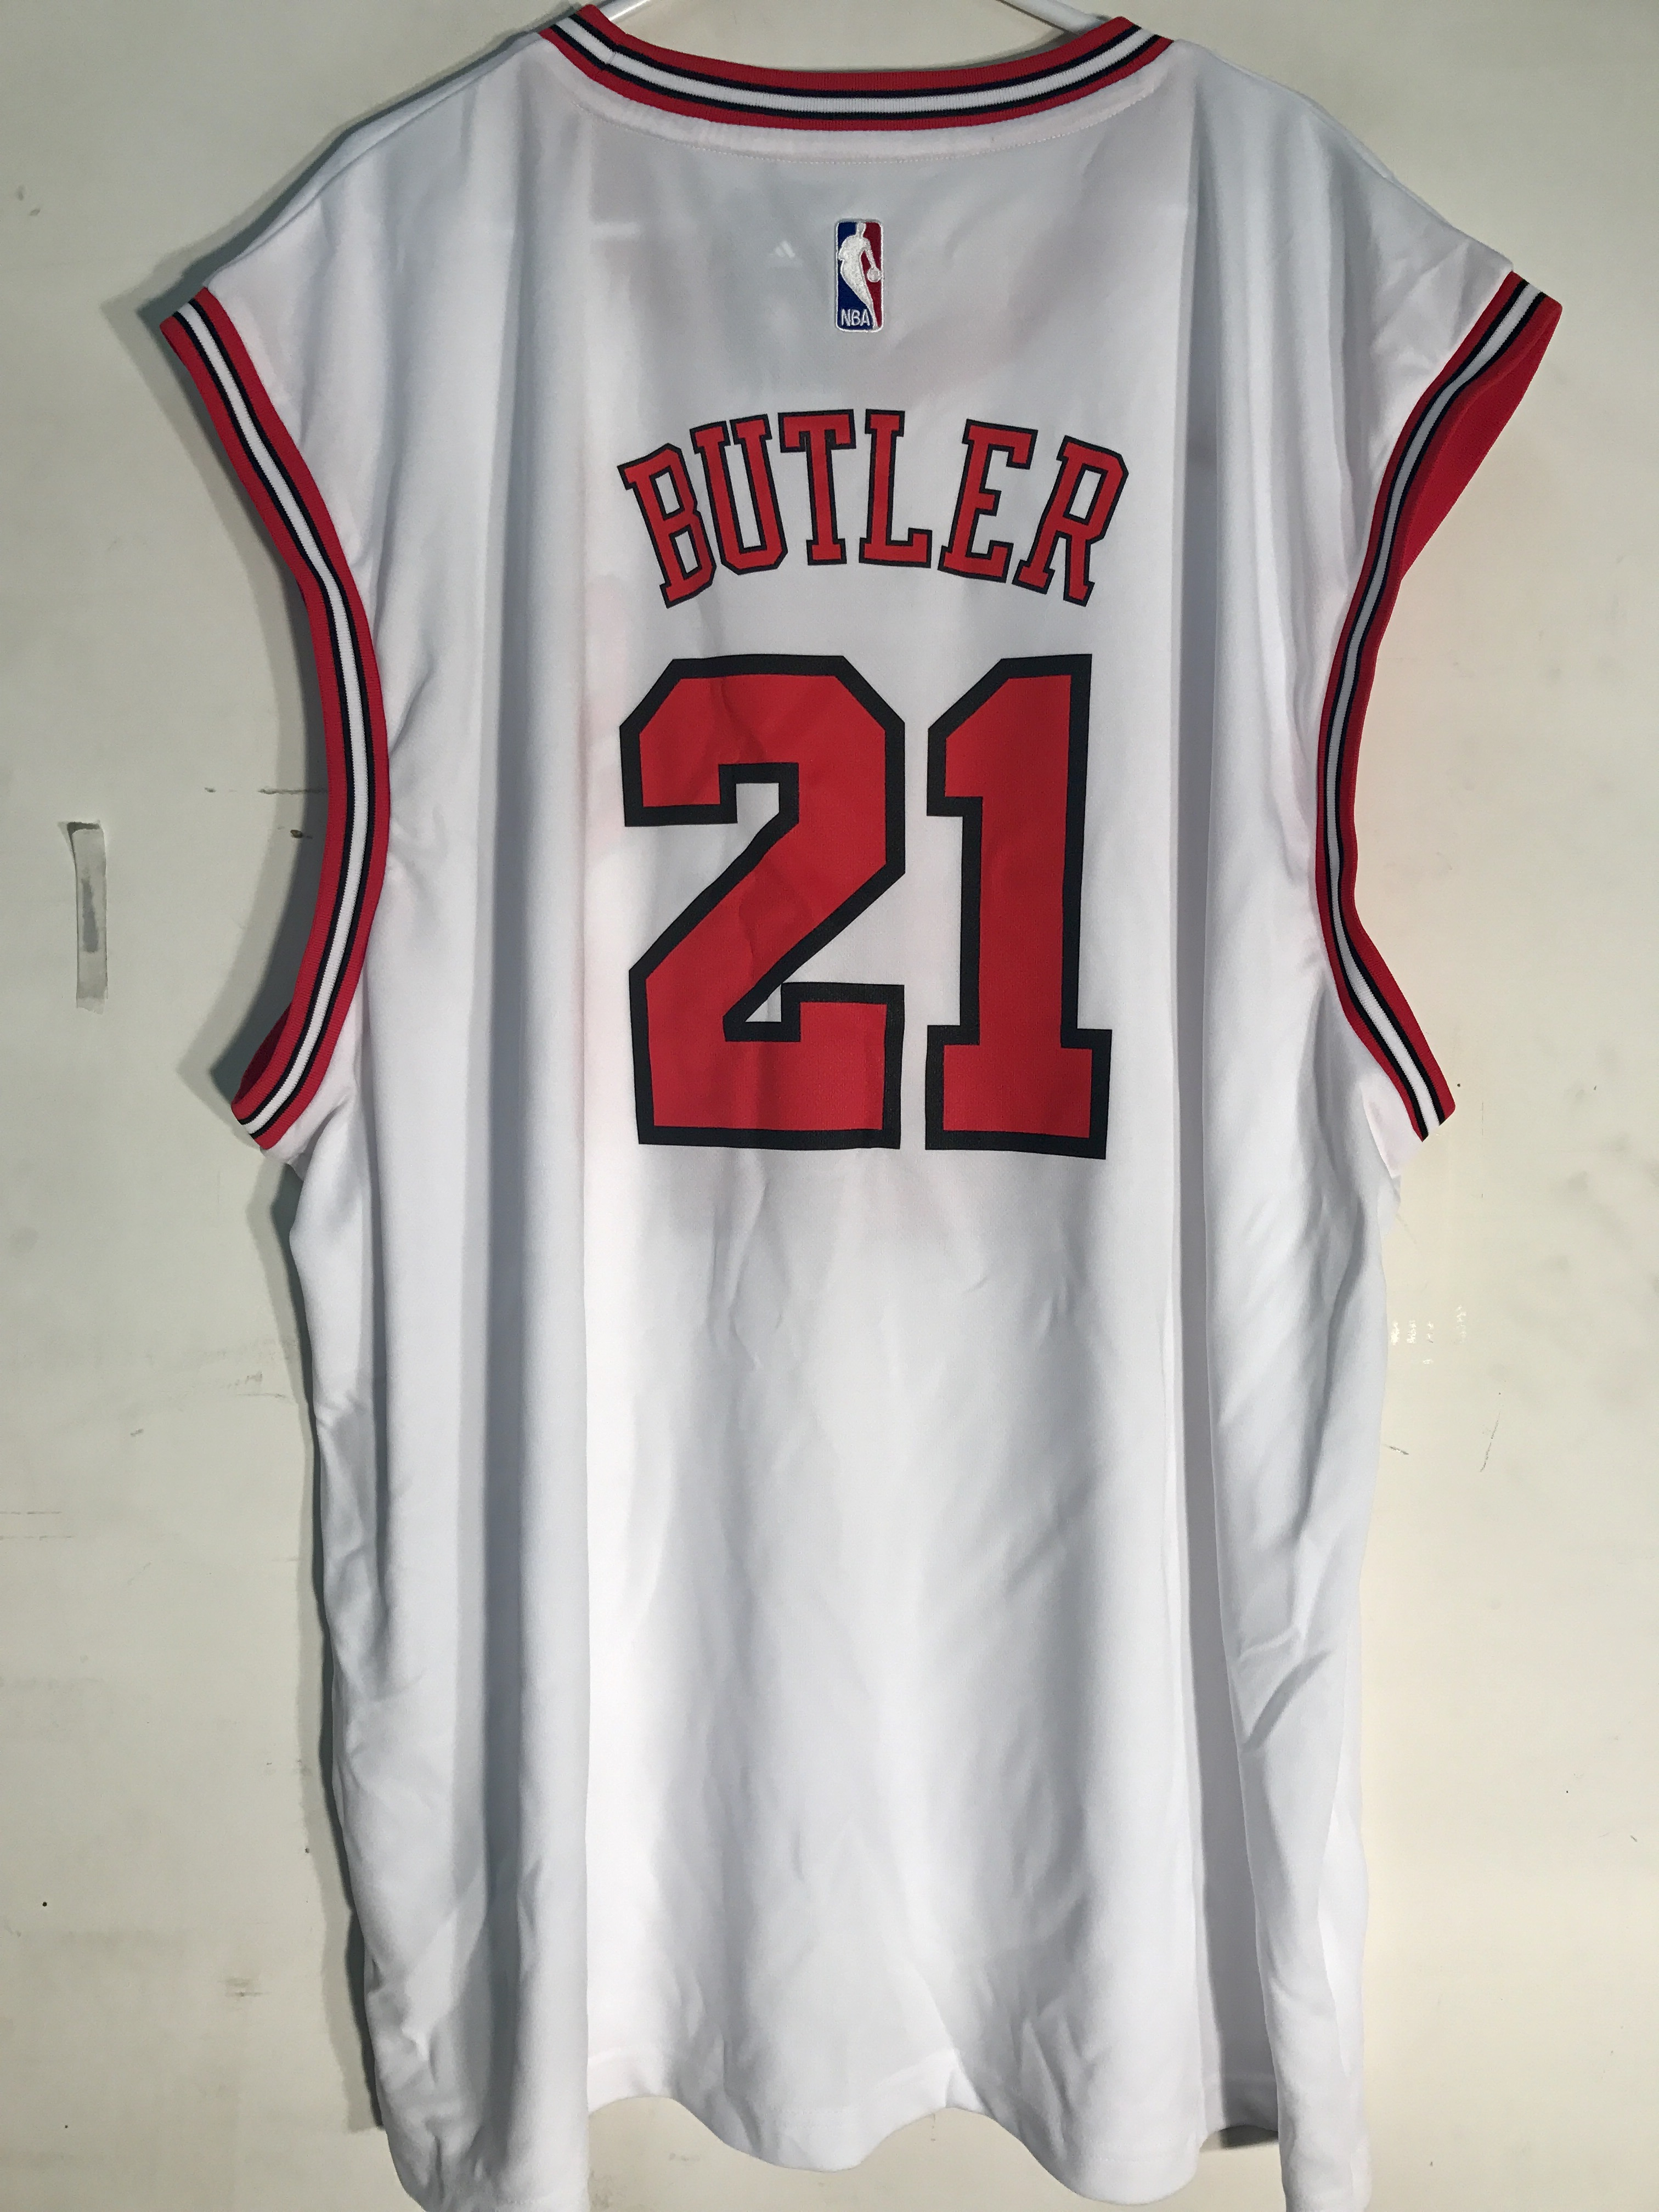 best website 3e145 ec8d8 Details about Adidas NBA Jersey Chicago Bulls Jimmy Butler White sz 4X